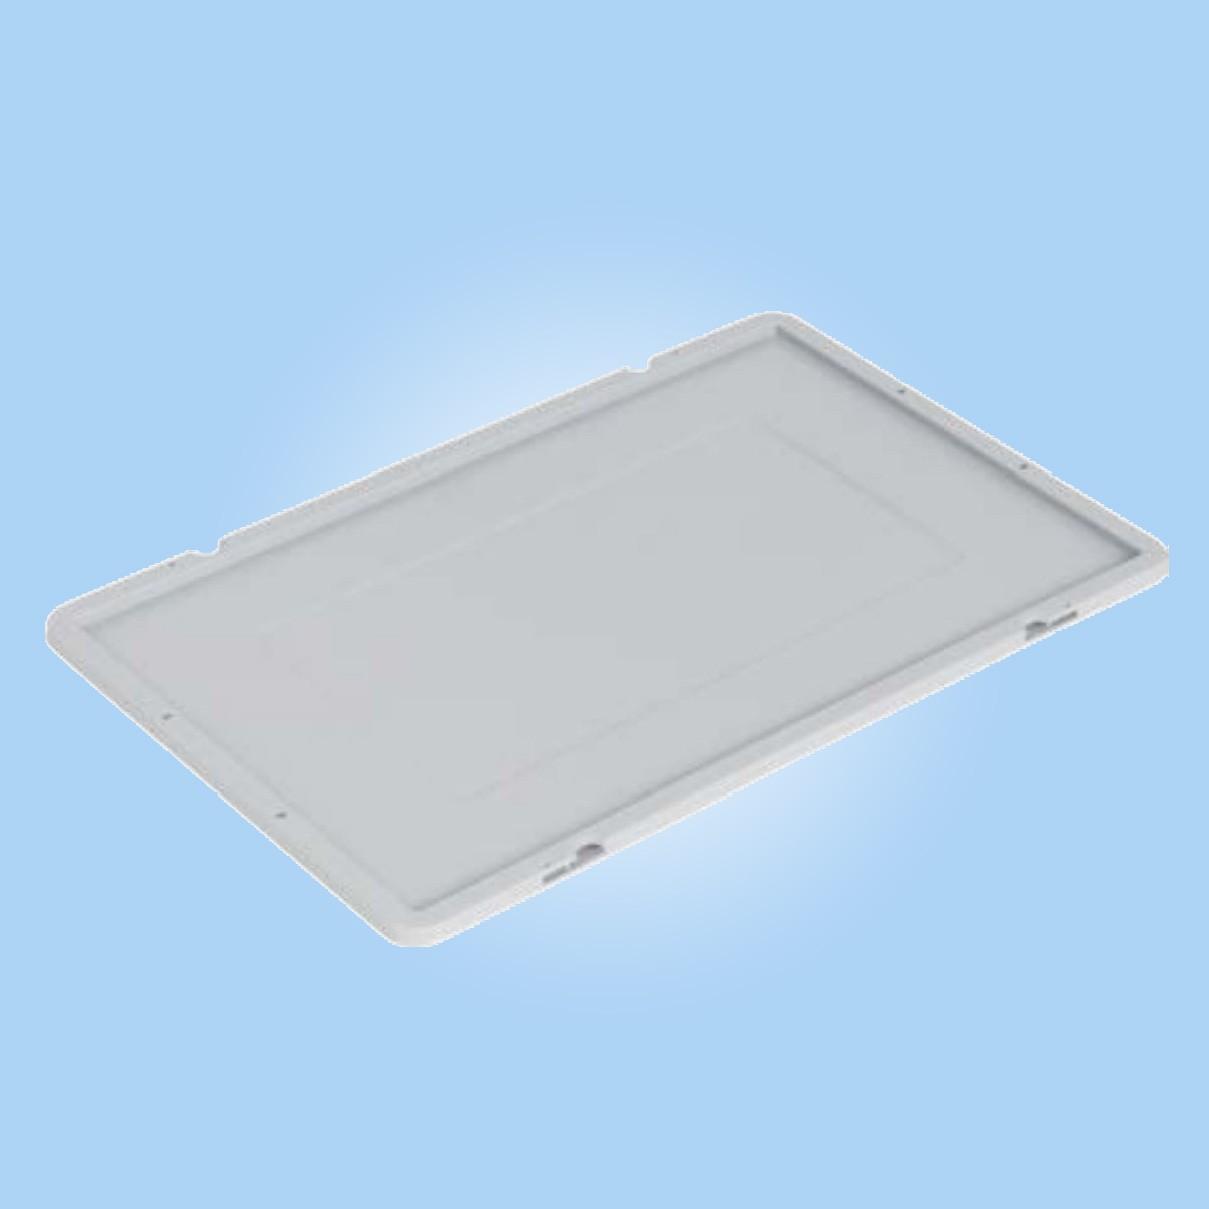 Auflage-Deckel zu Stapelbehälter STRONG